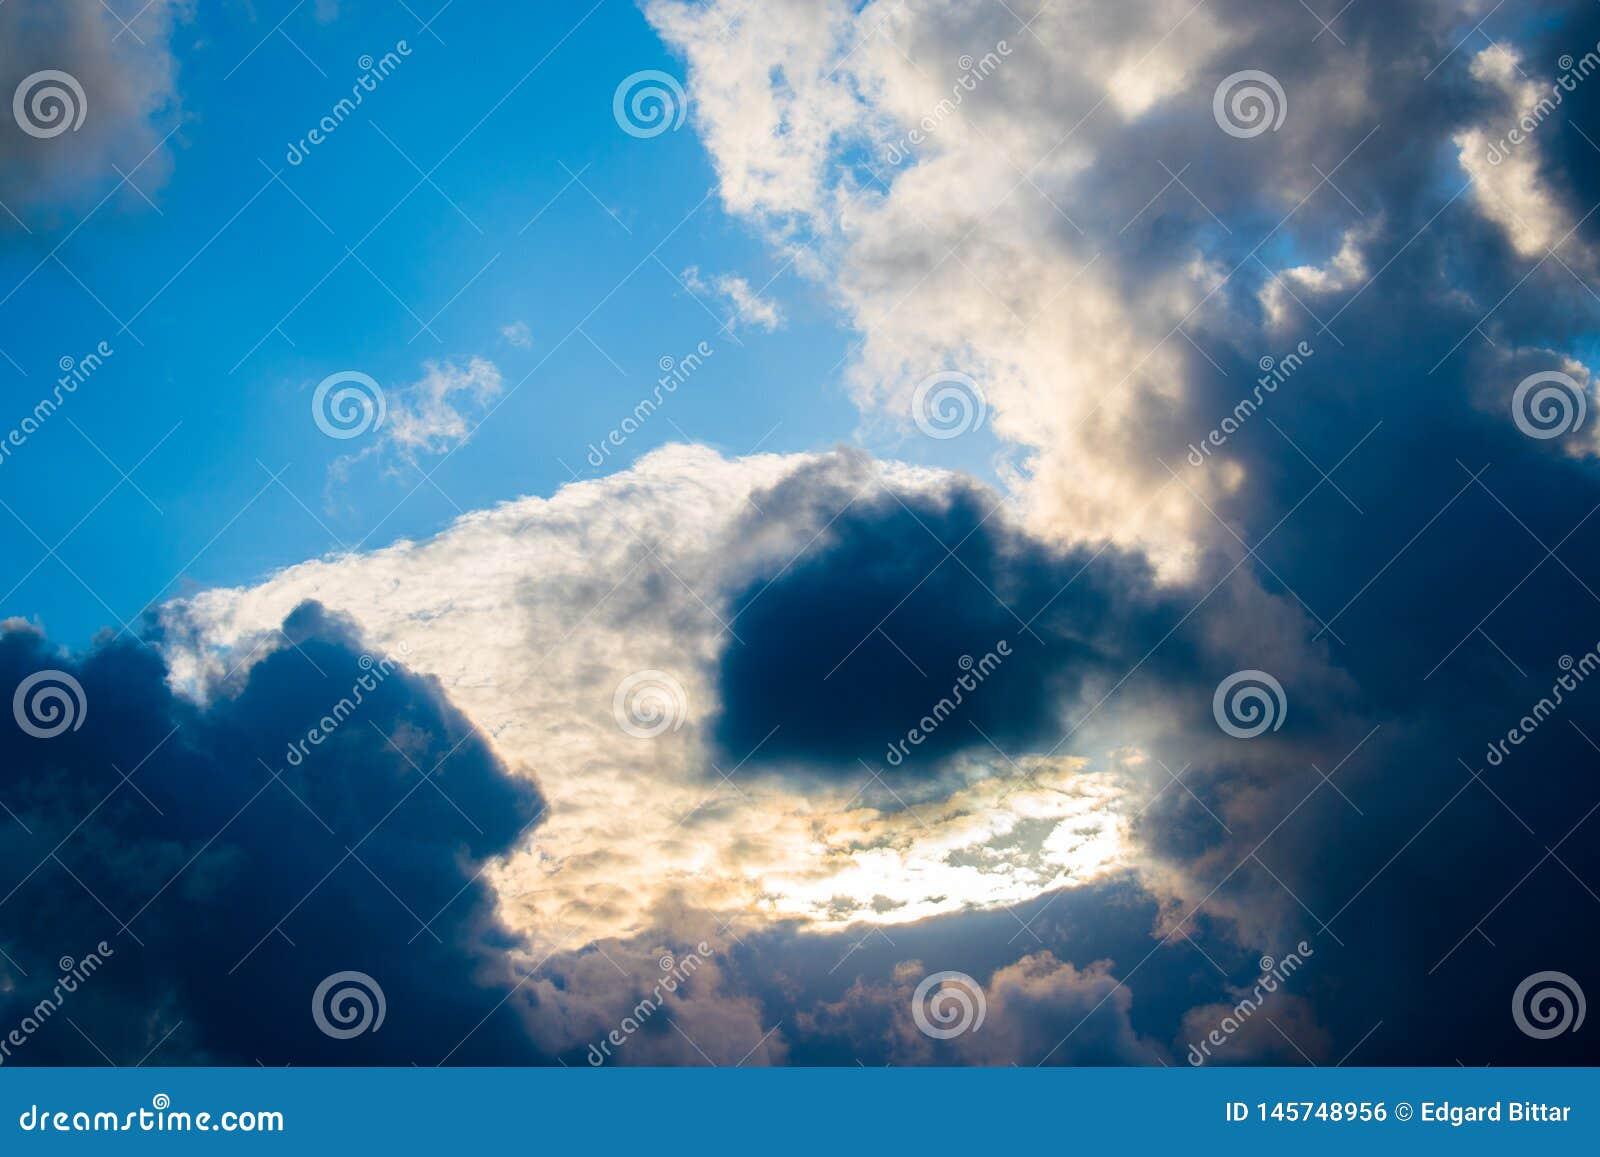 Beautiful clouds in Lebanon 2019